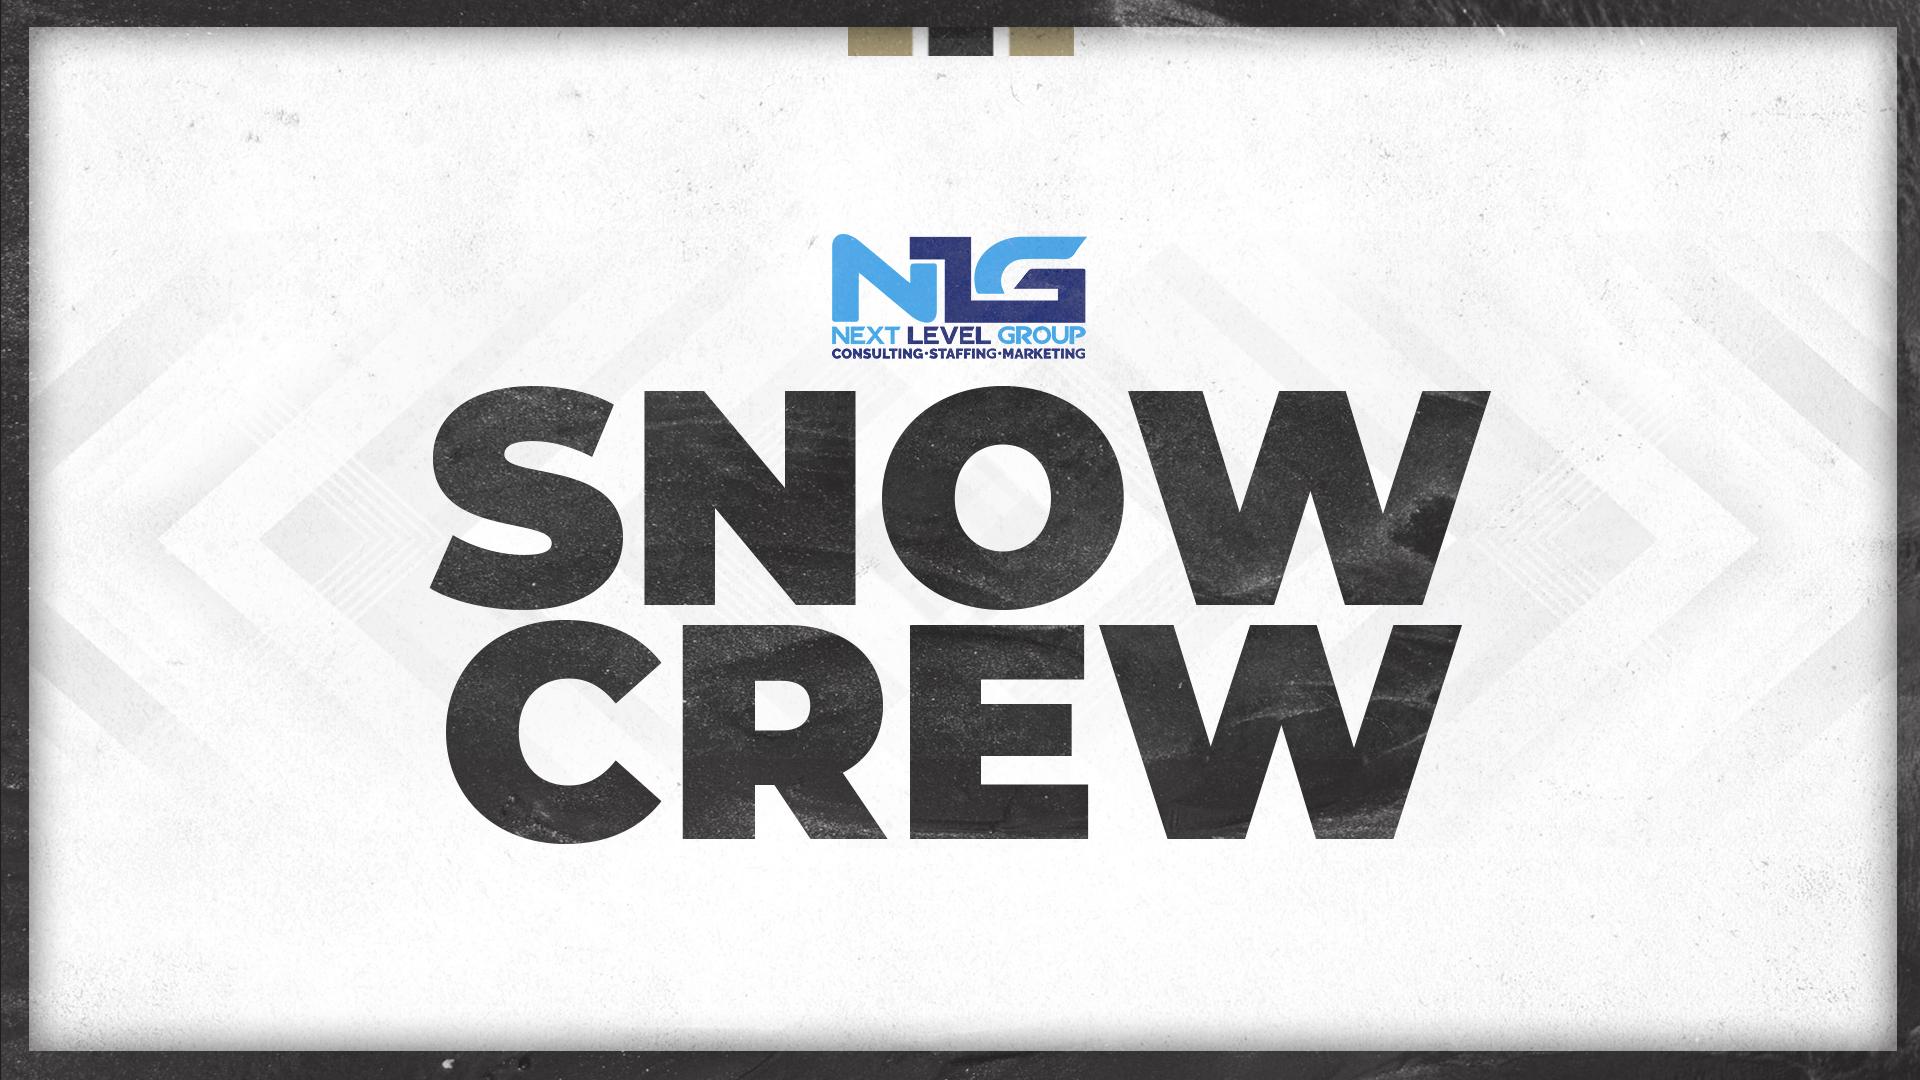 SnowCrewHeader